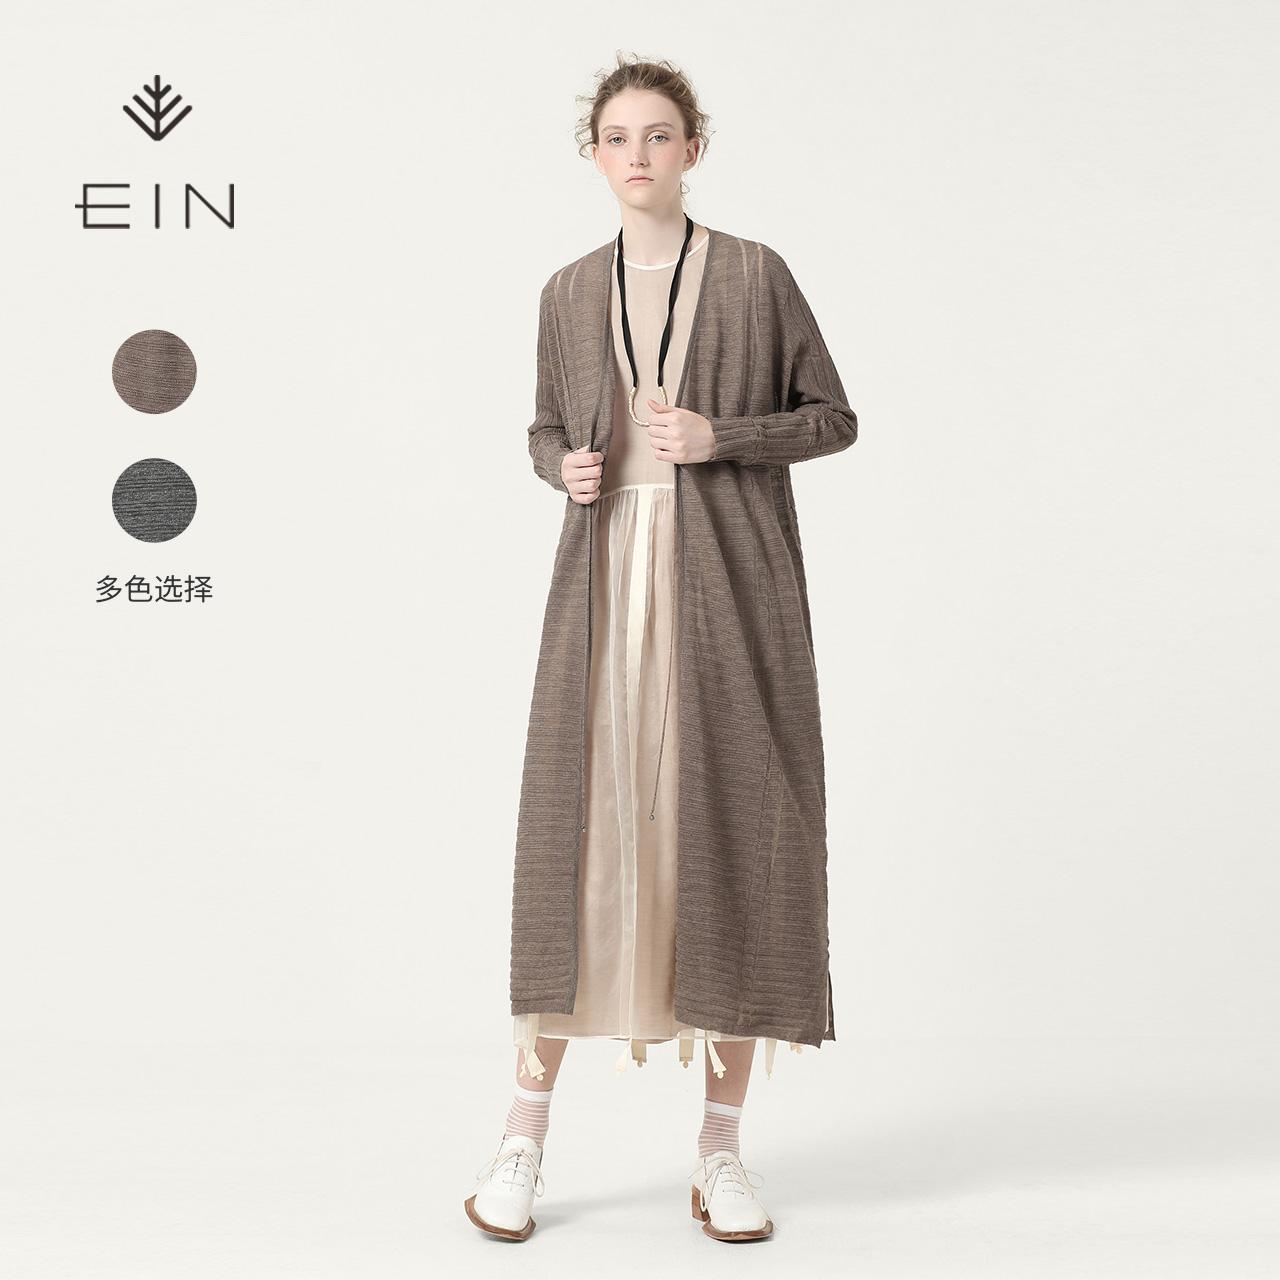 EIN-言意大利进口纱羊毛条纹针织开衫女长款毛衫外套秋新款